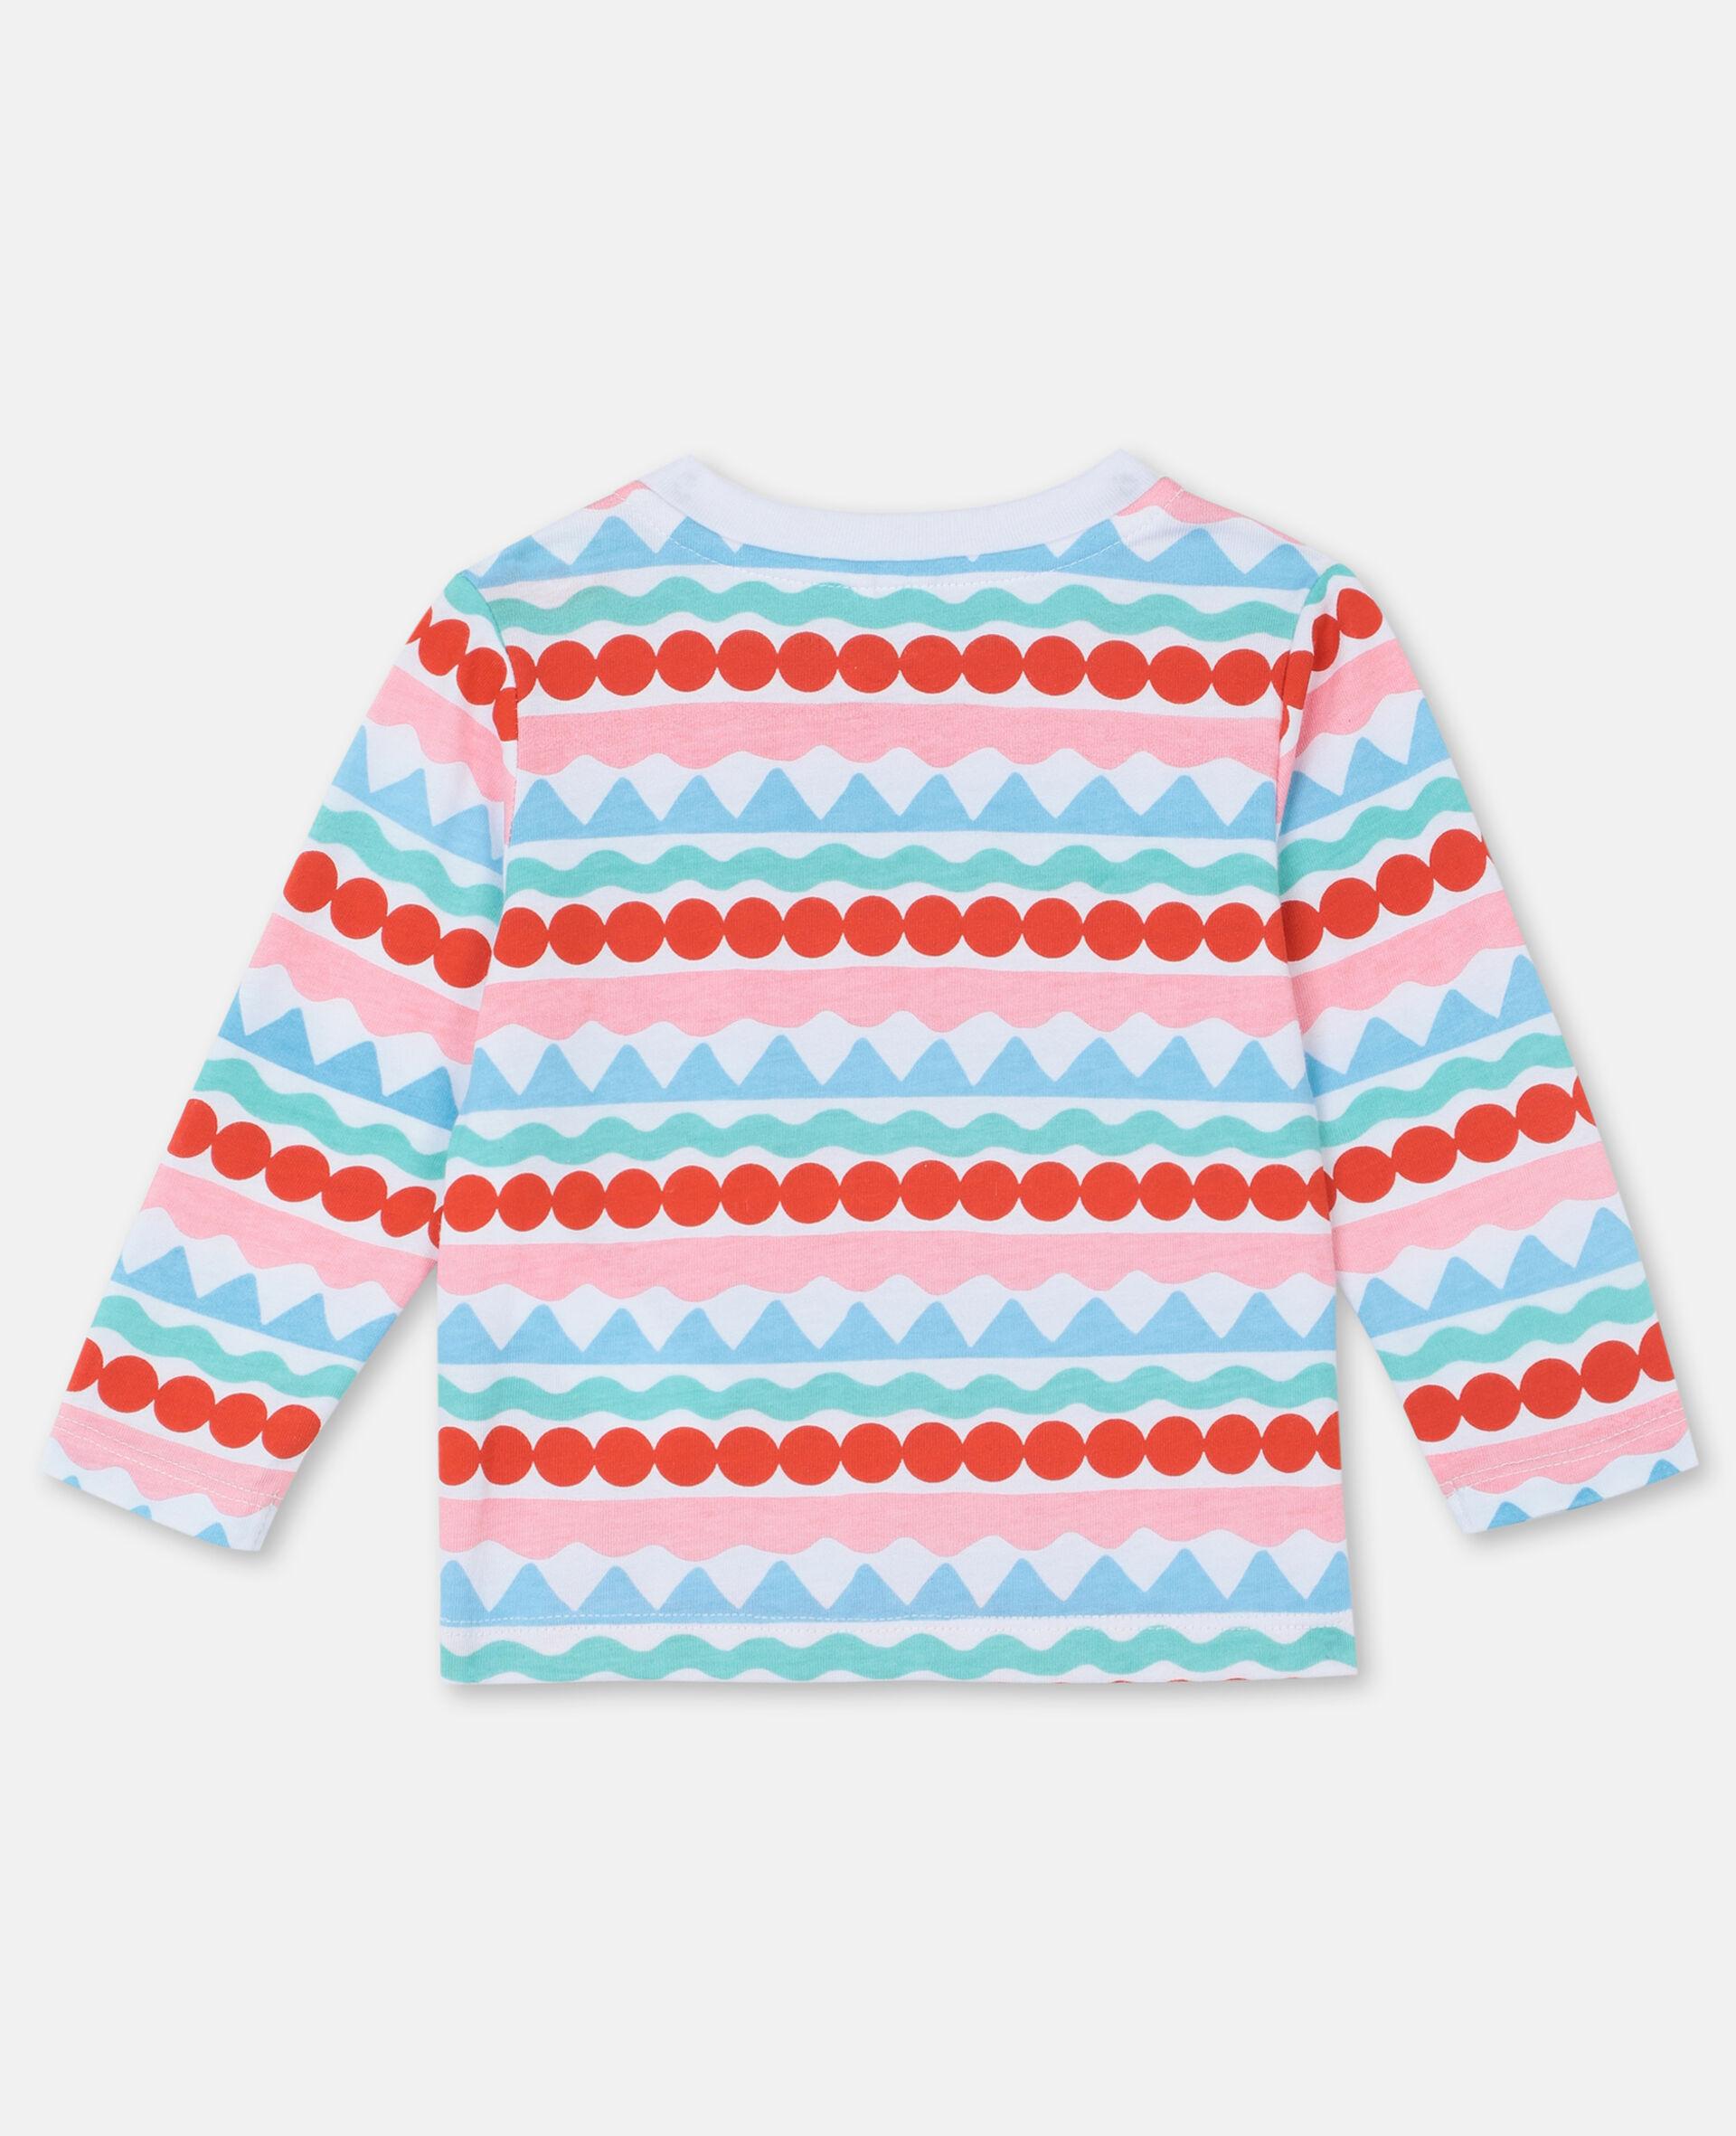 图形感条纹棉质 T 恤-Multicolored-large image number 3